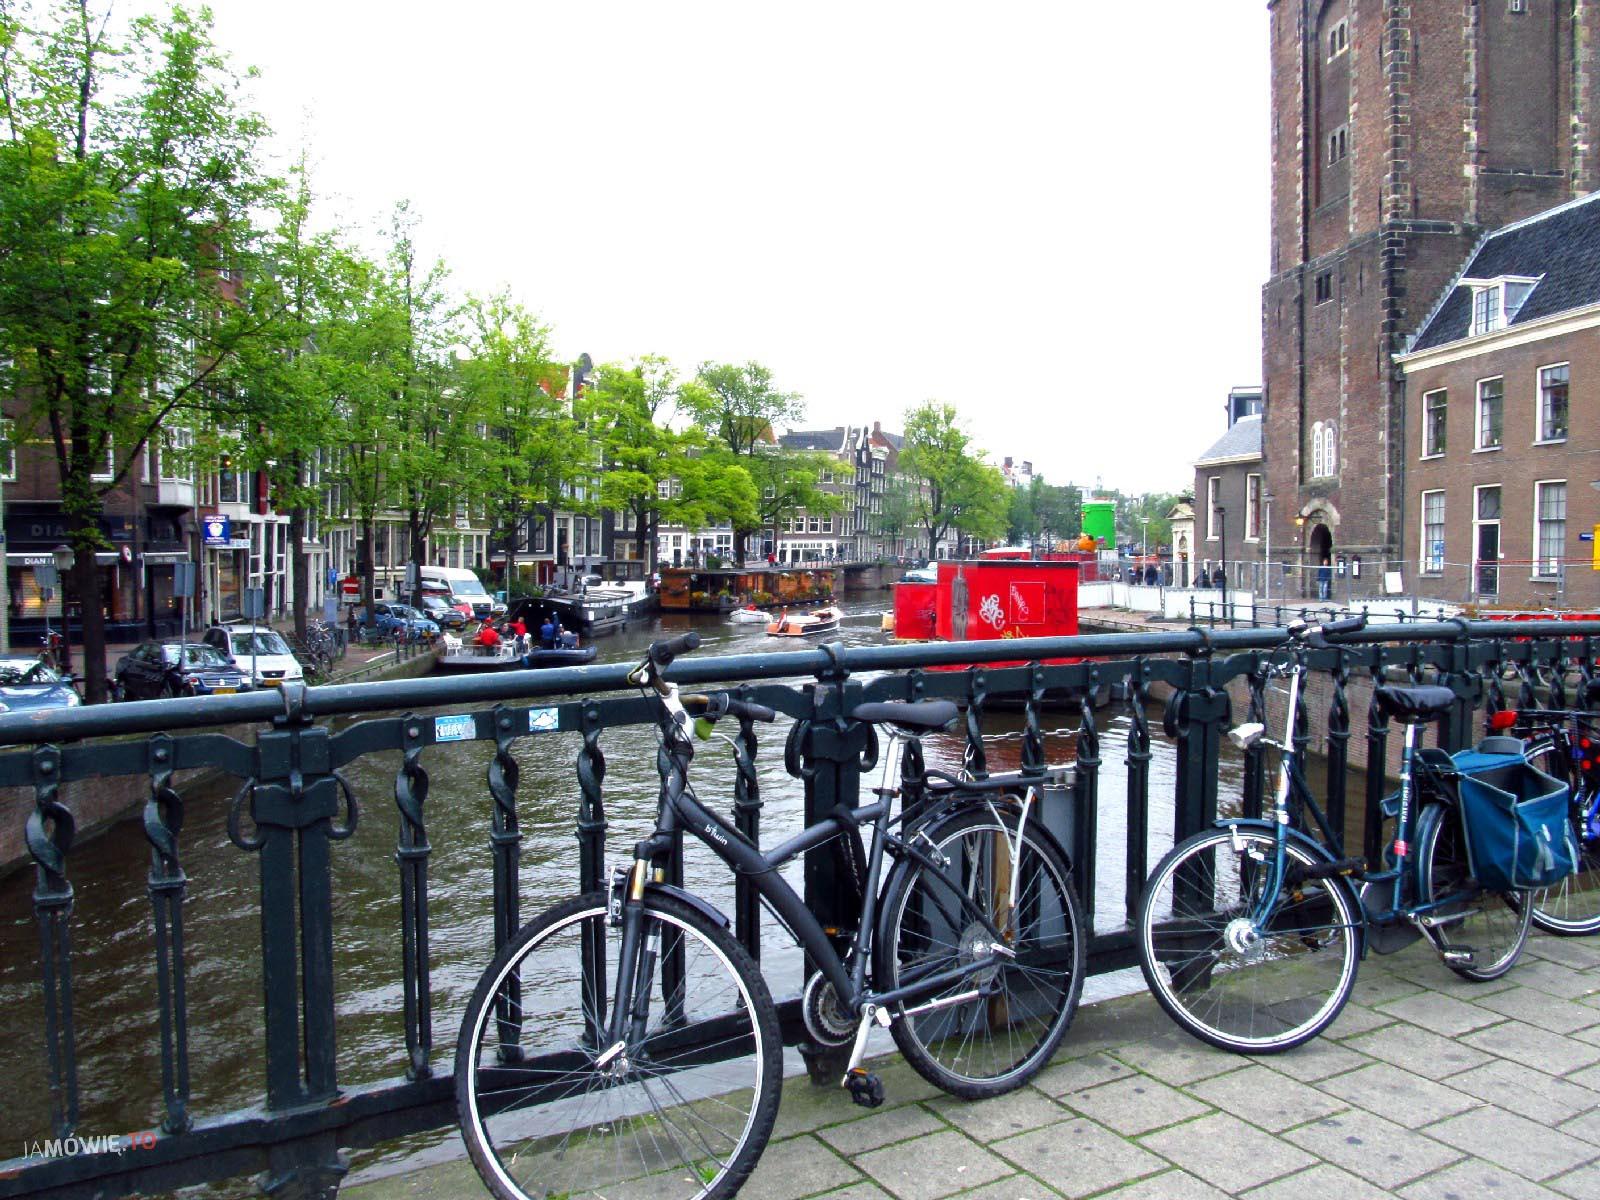 Moje ulubione miejsca w Europie - Amsterdam - Ja mówię TO https://jamowie.to